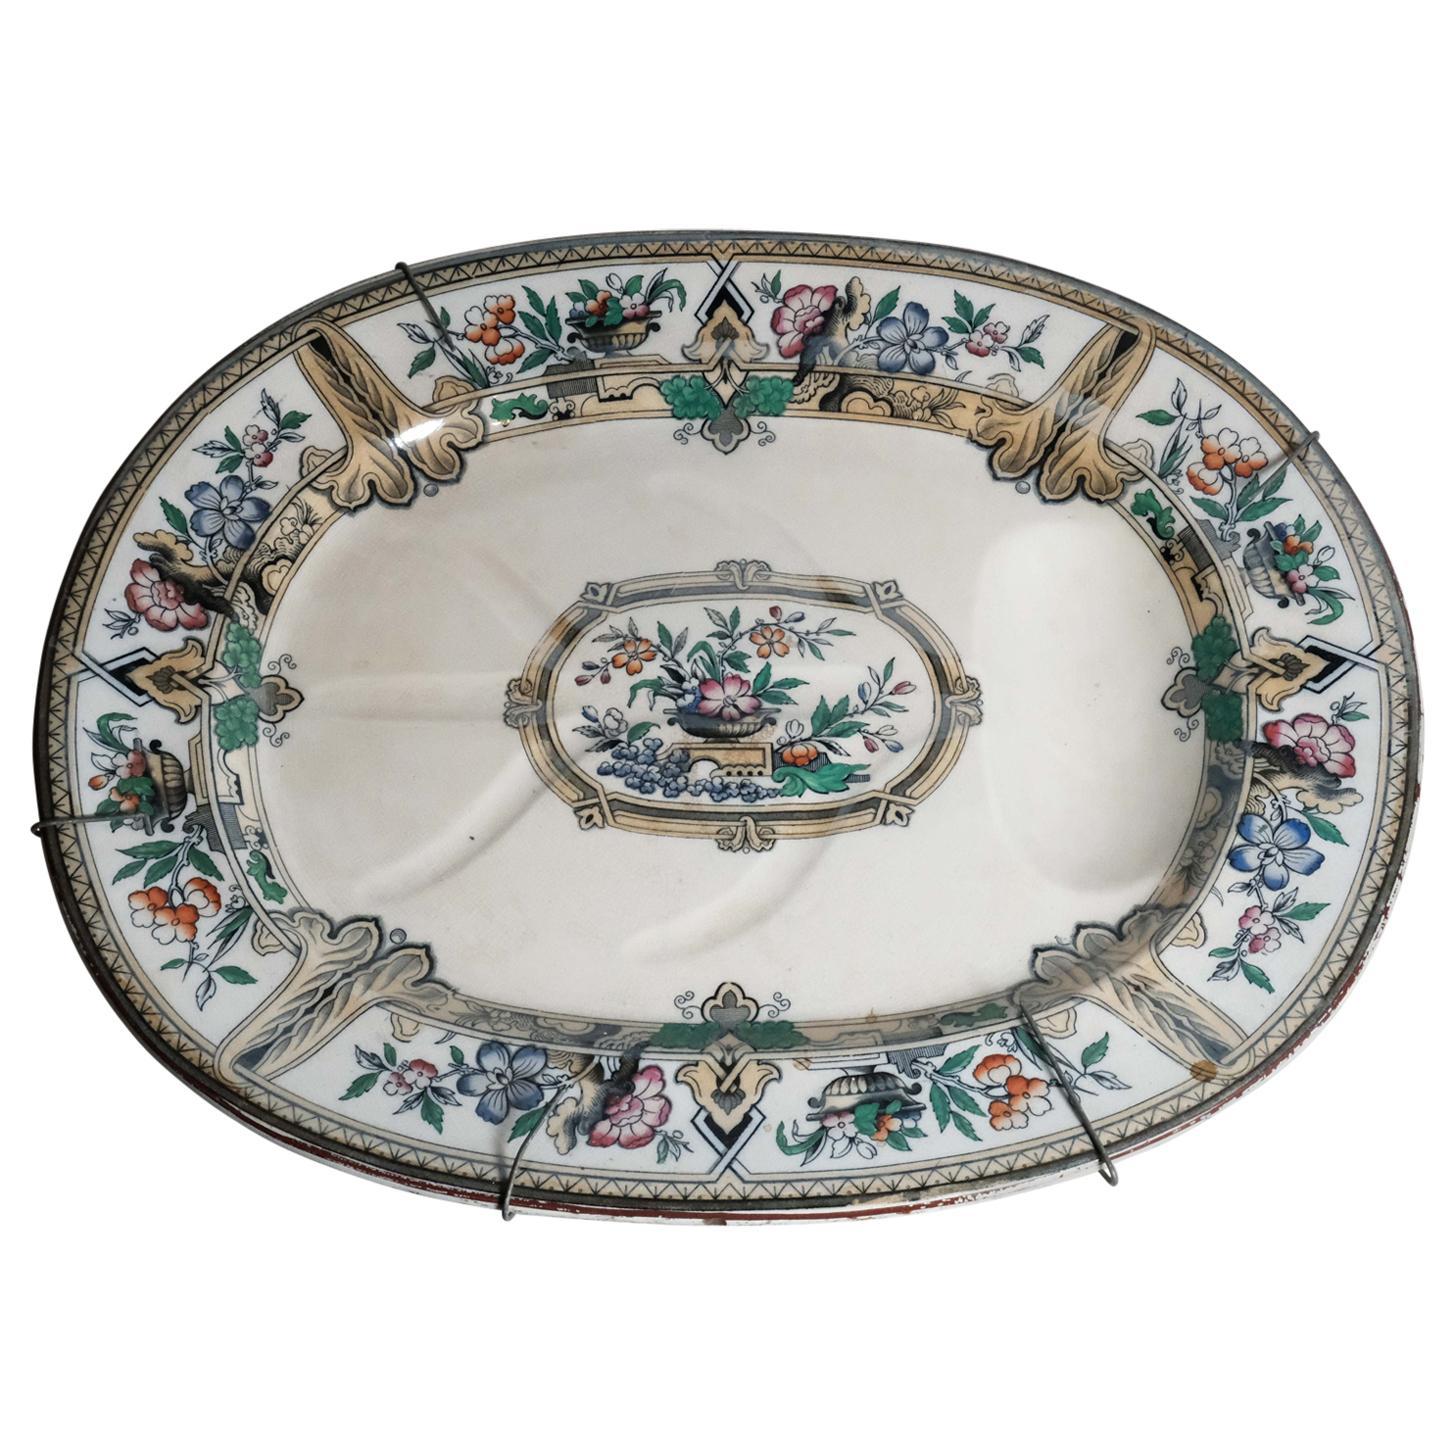 Antique Ceramic Meat Plate